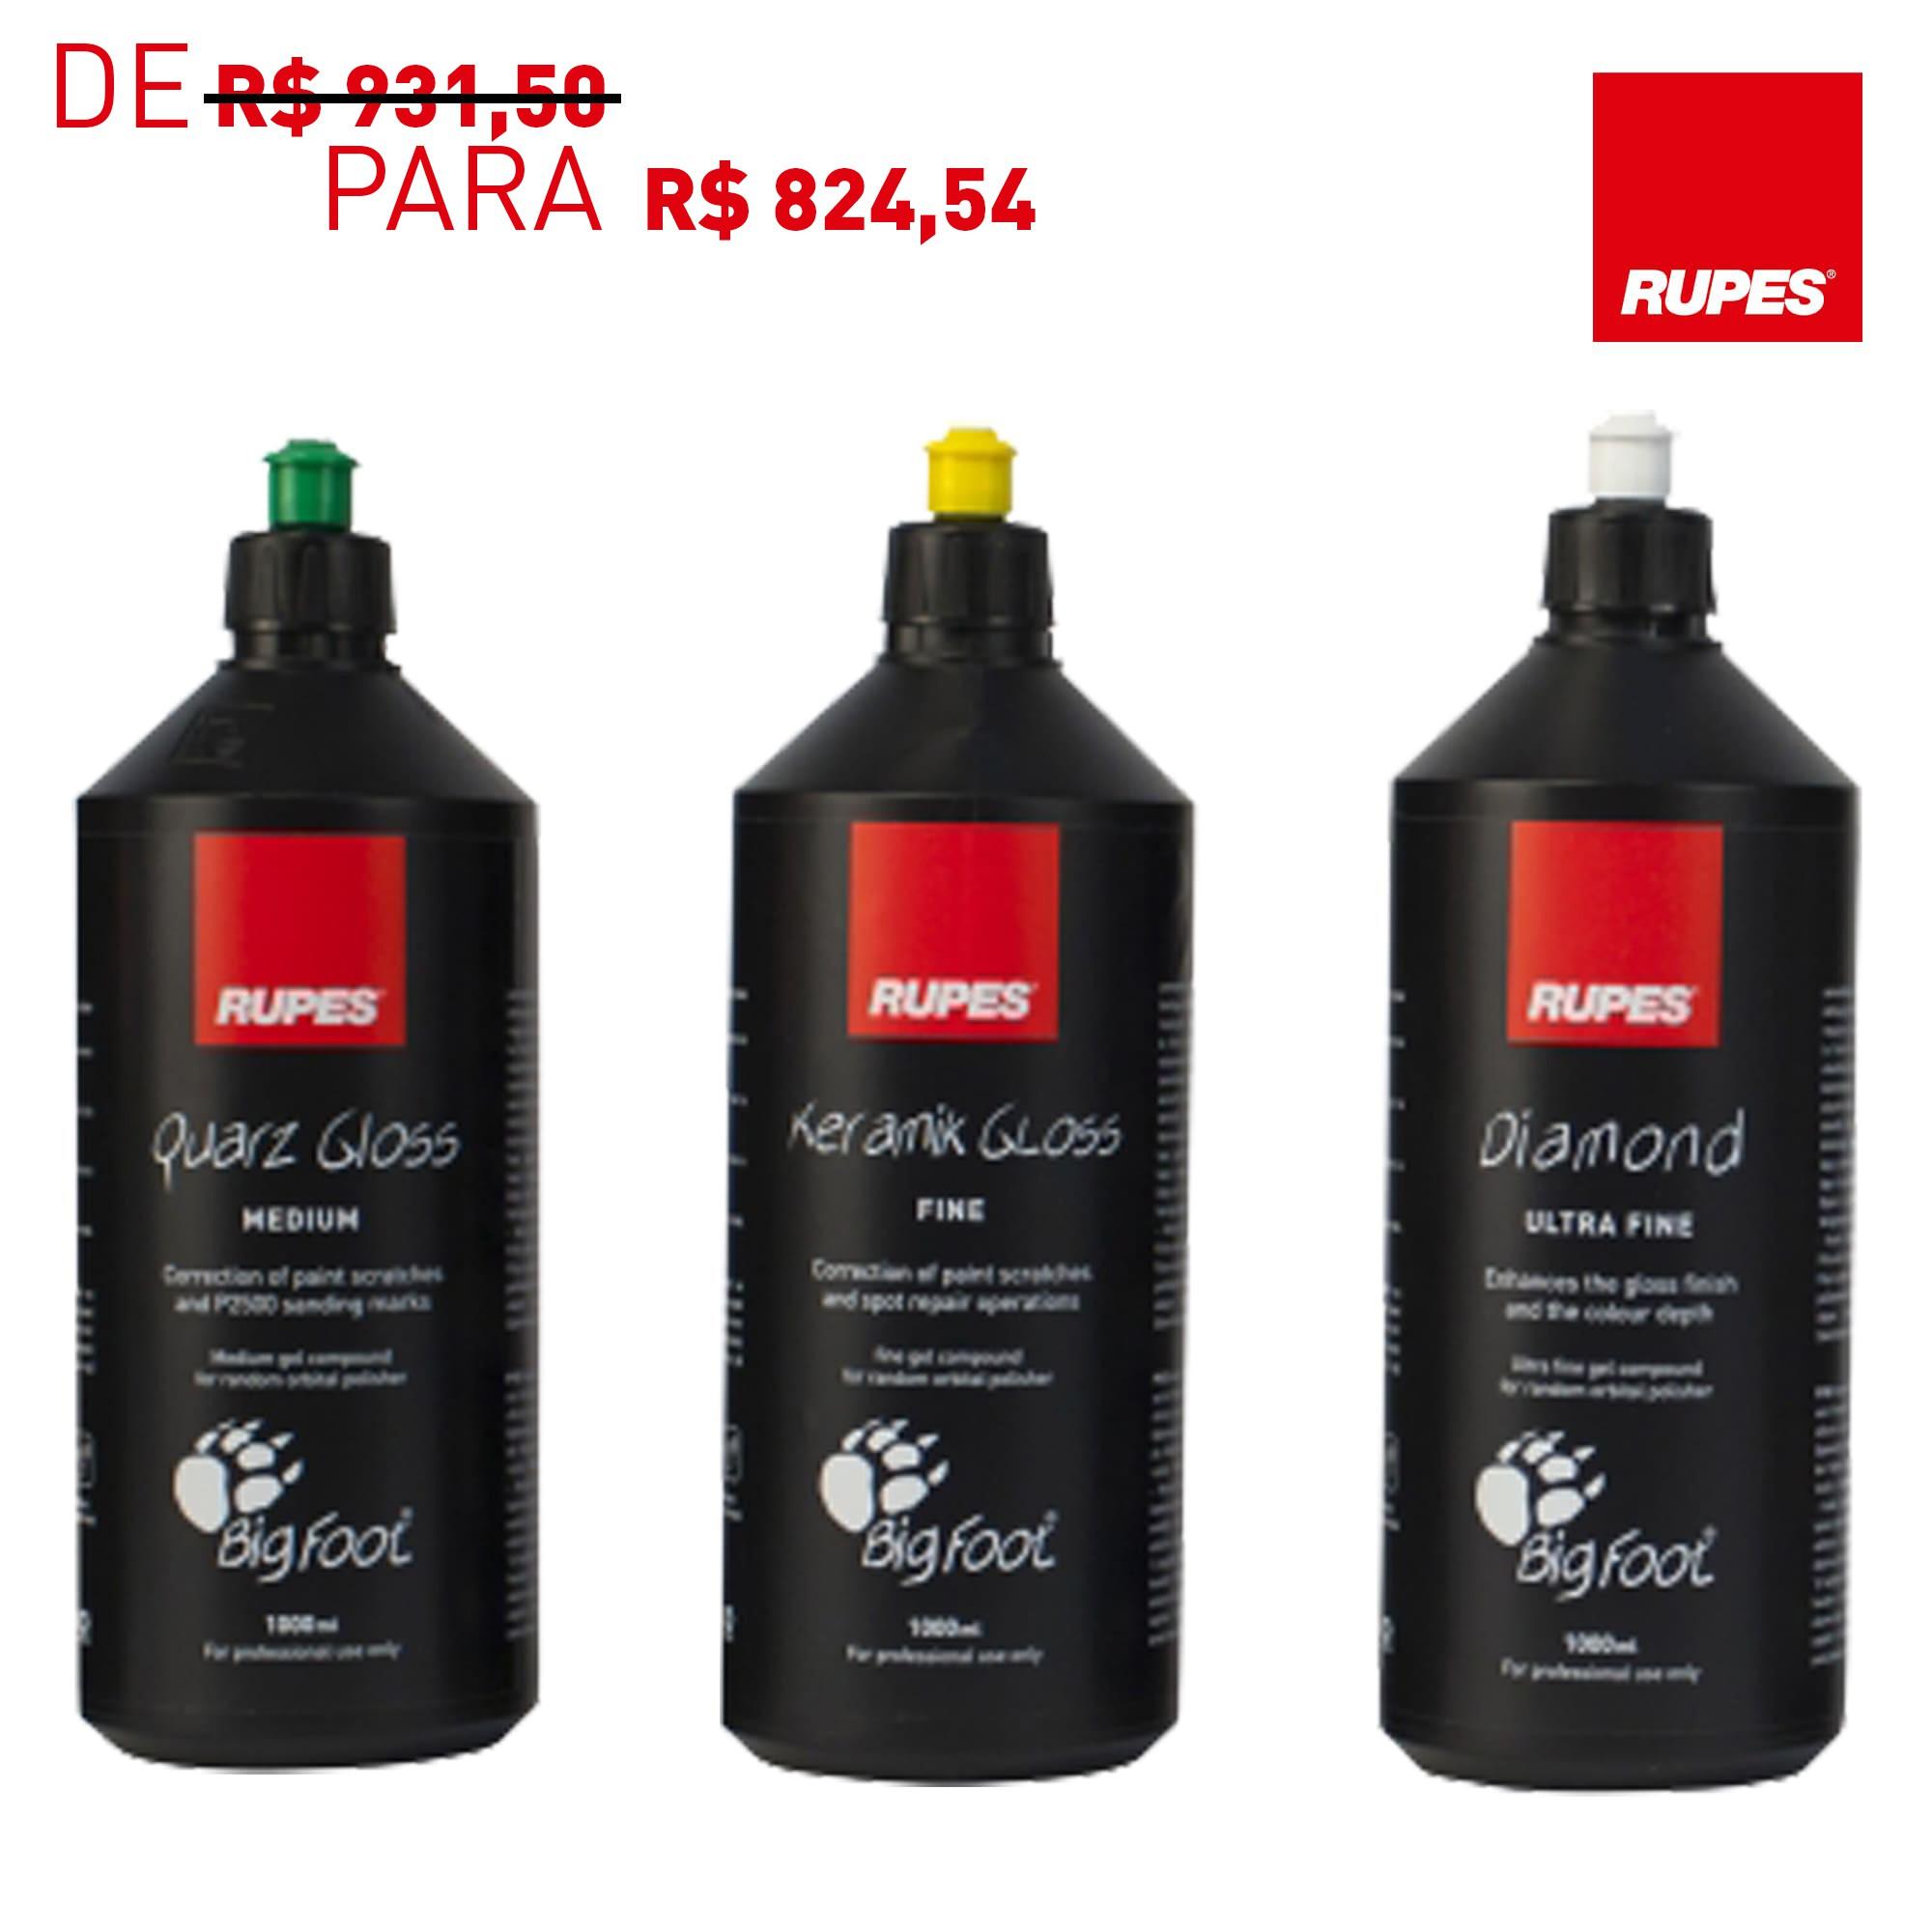 KIT com 3 Compostos Rupes - Refino, Lustro e Super Lustro - Promoção Semana do Composto  - Rupes Brasil